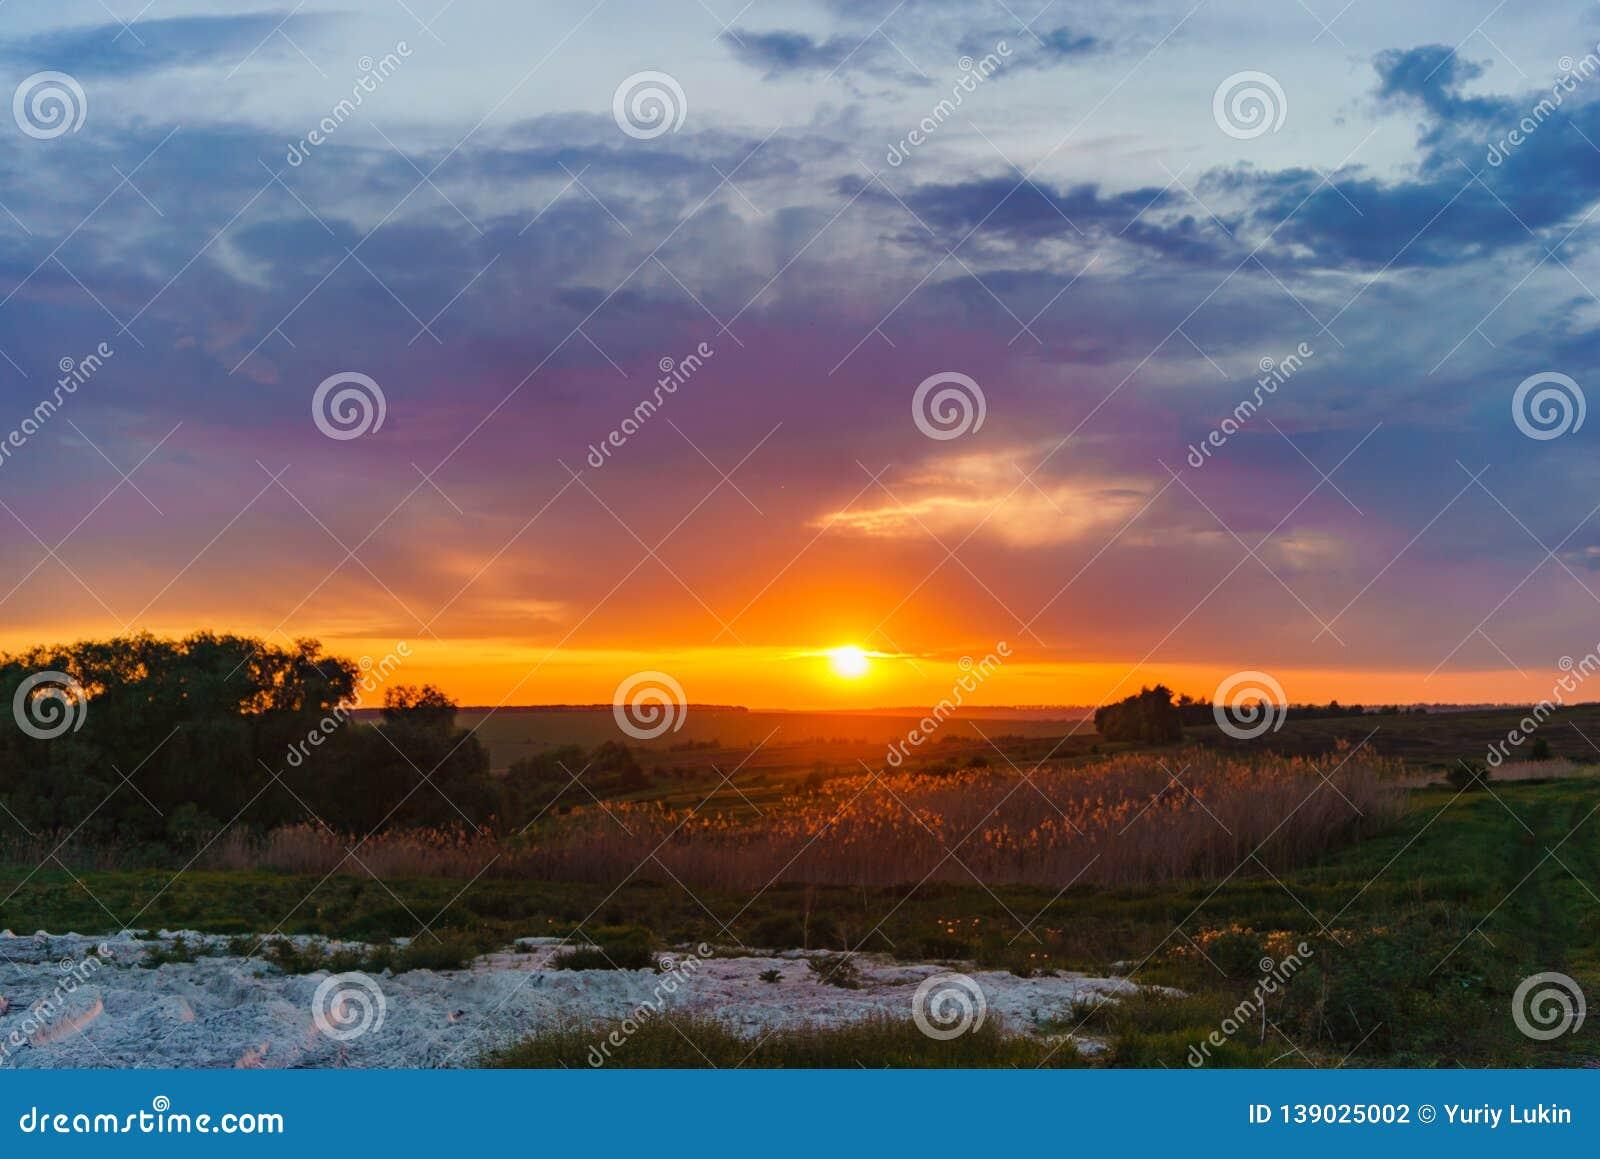 Igualación de puesta del sol anaranjada sobre el lago Valday, fotografía del paisaje de la naturaleza de Rusia Puesta del sol del